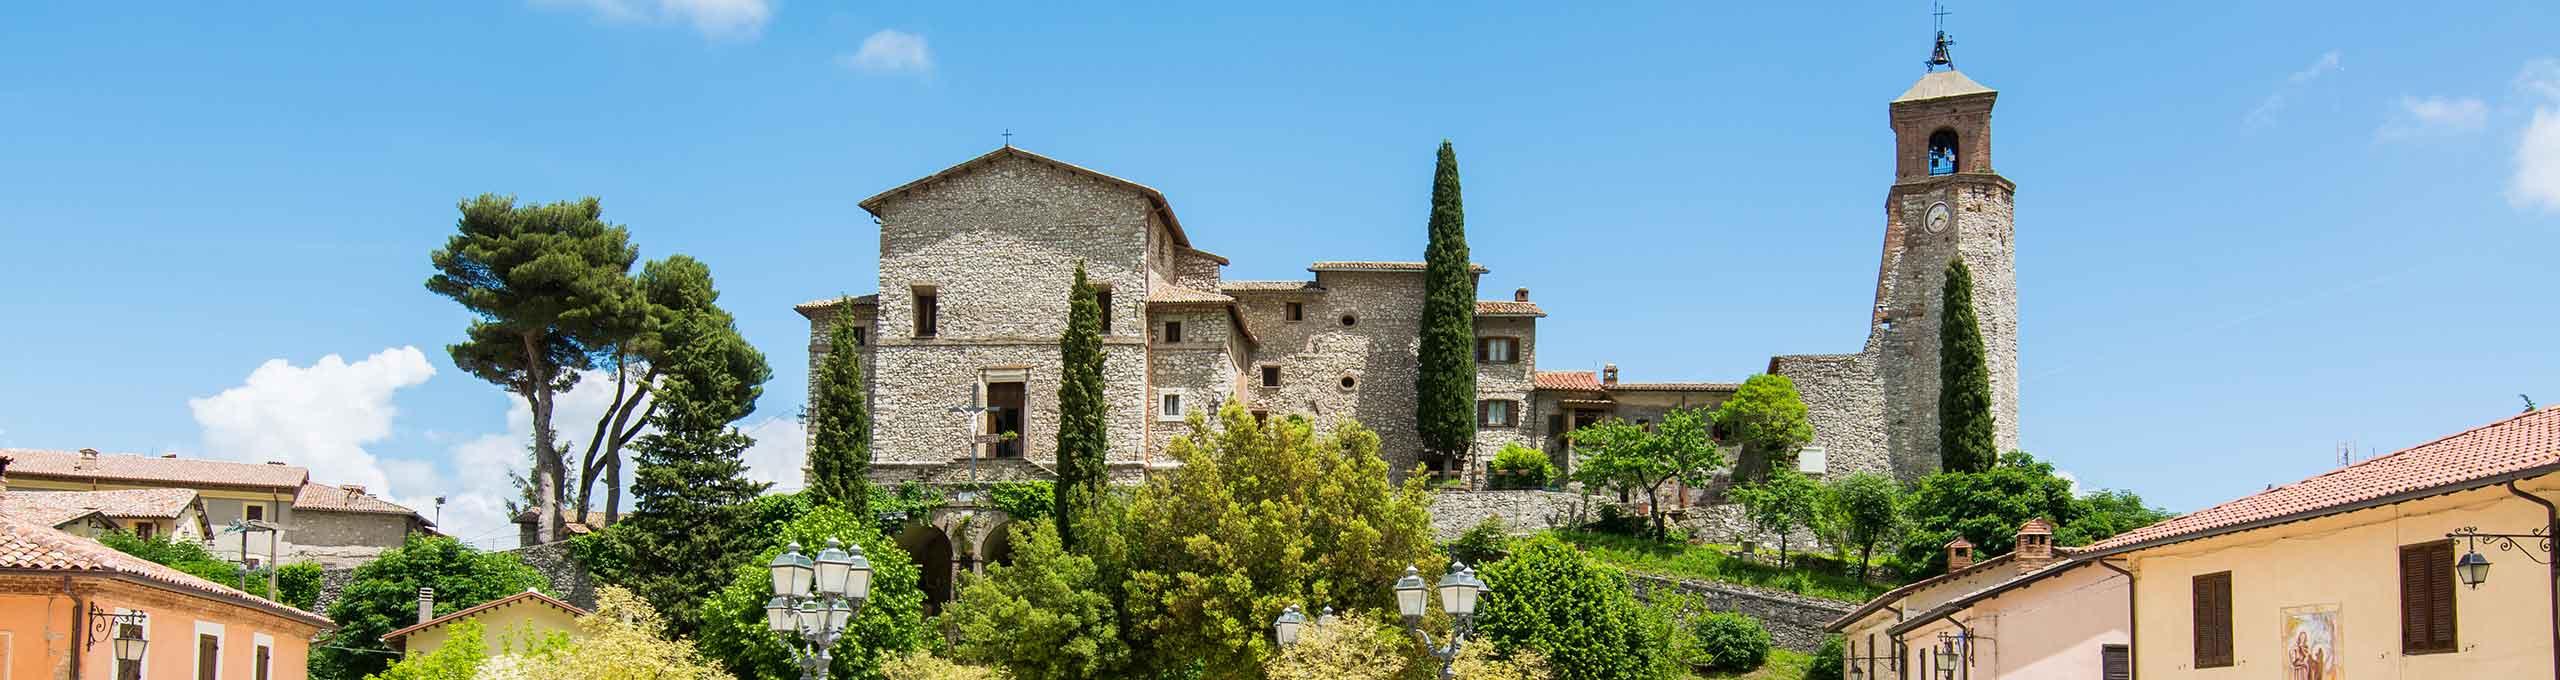 Greccio, Lazio, borgo medievale